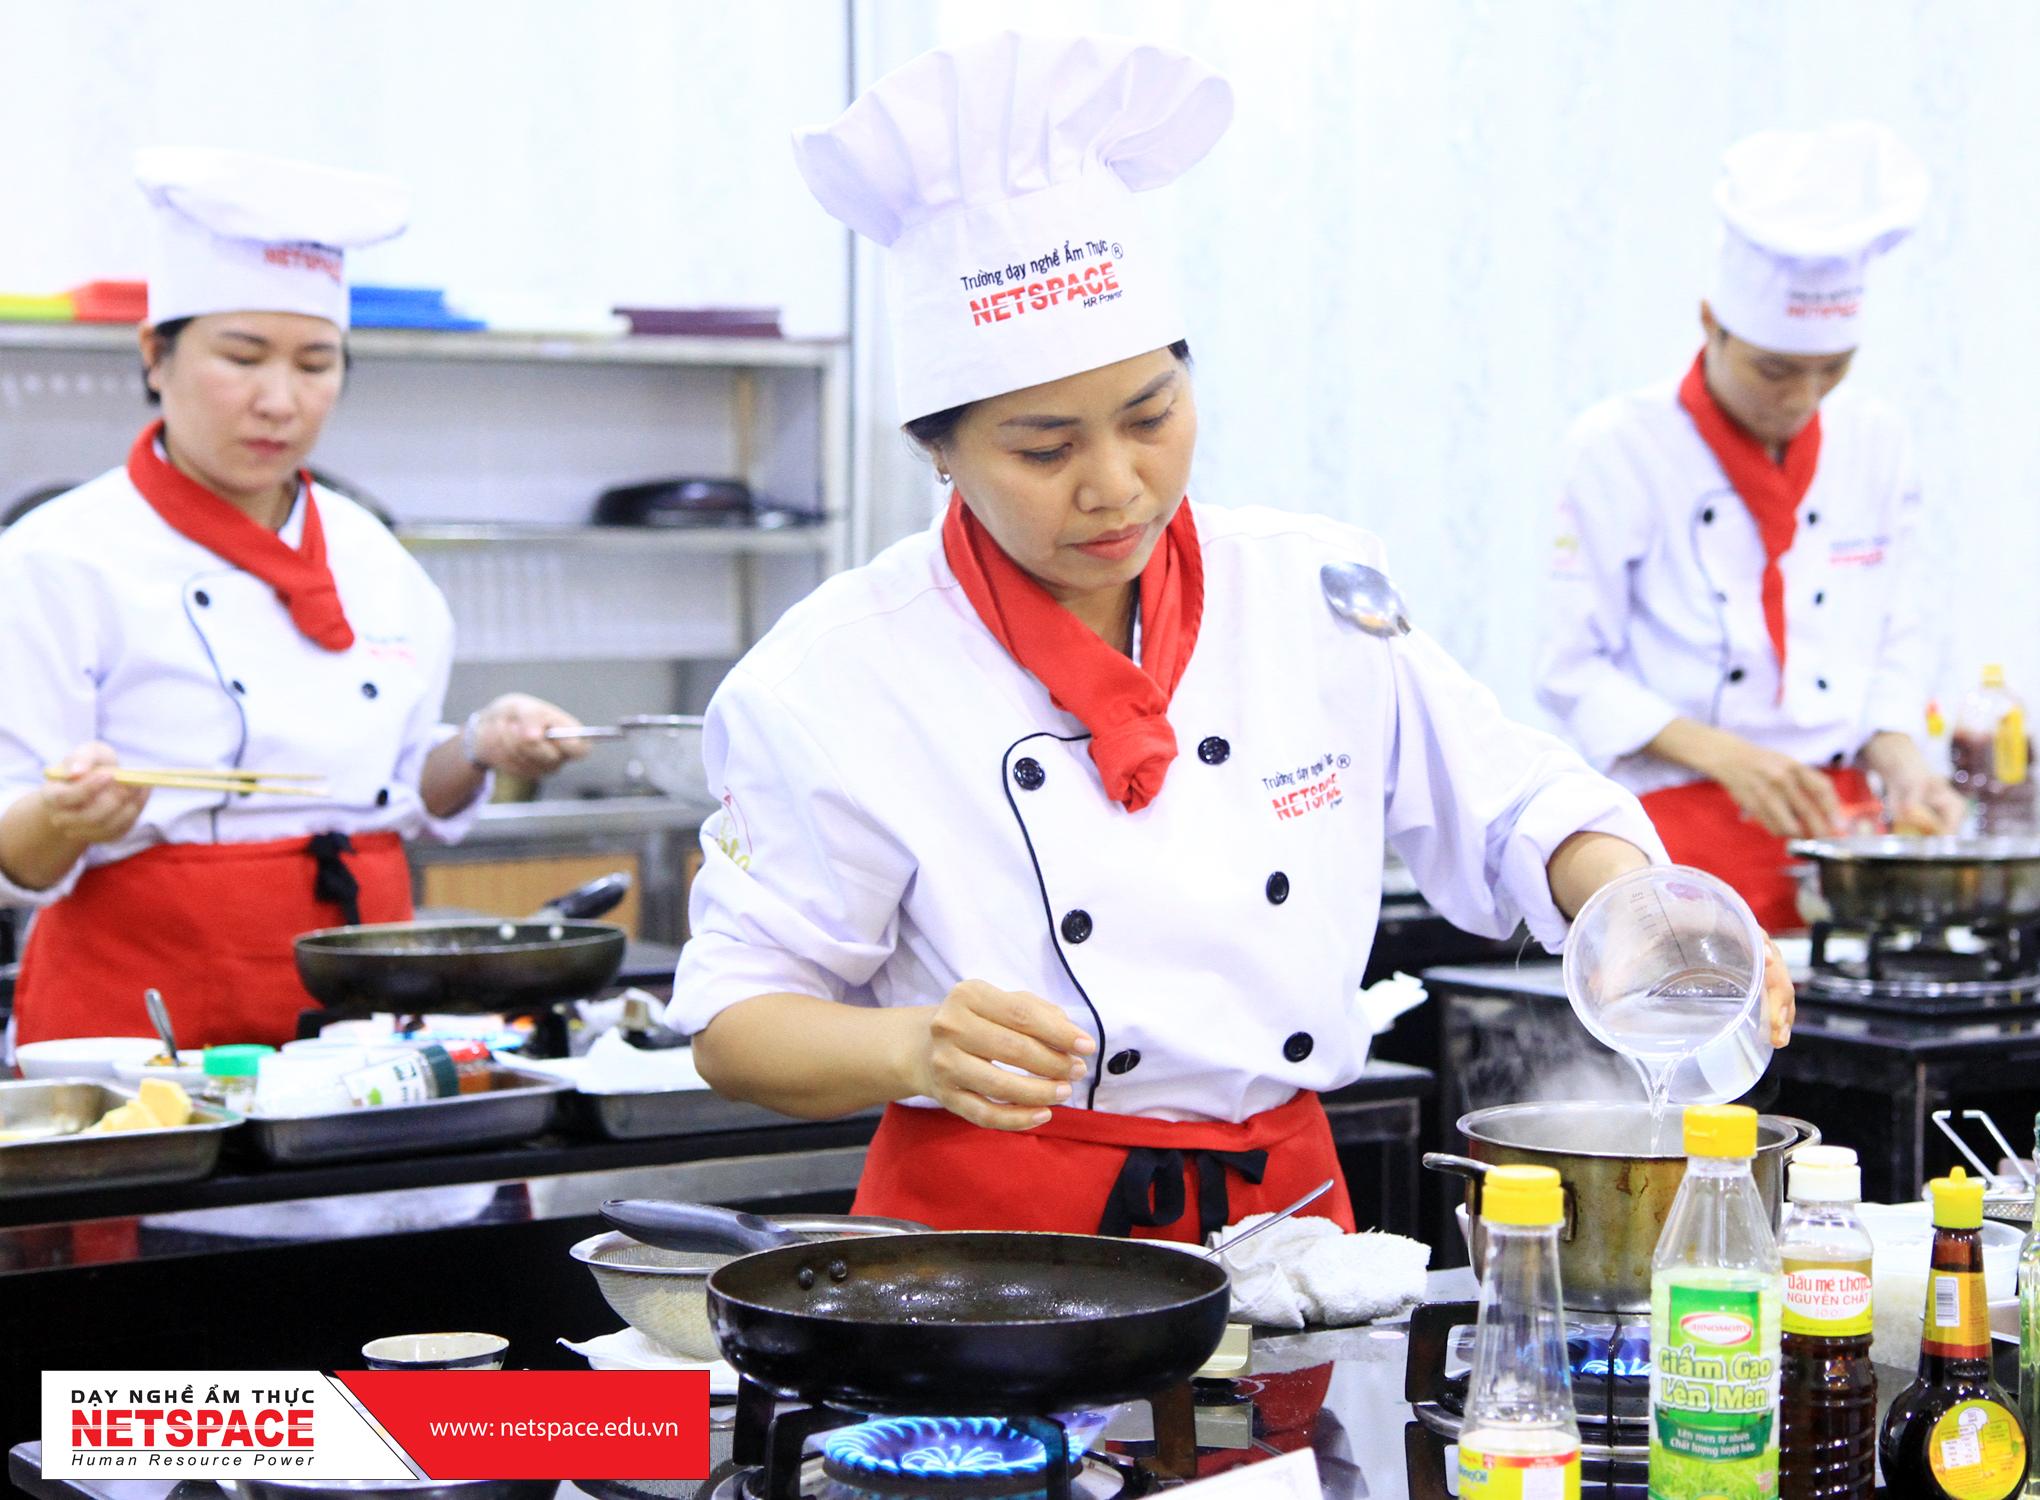 hoc bep chay 00 4 | Ănchay.vn : Ăn Chay, Công Thức Nấu Món Chay & Địa Điểm Ăn Chay